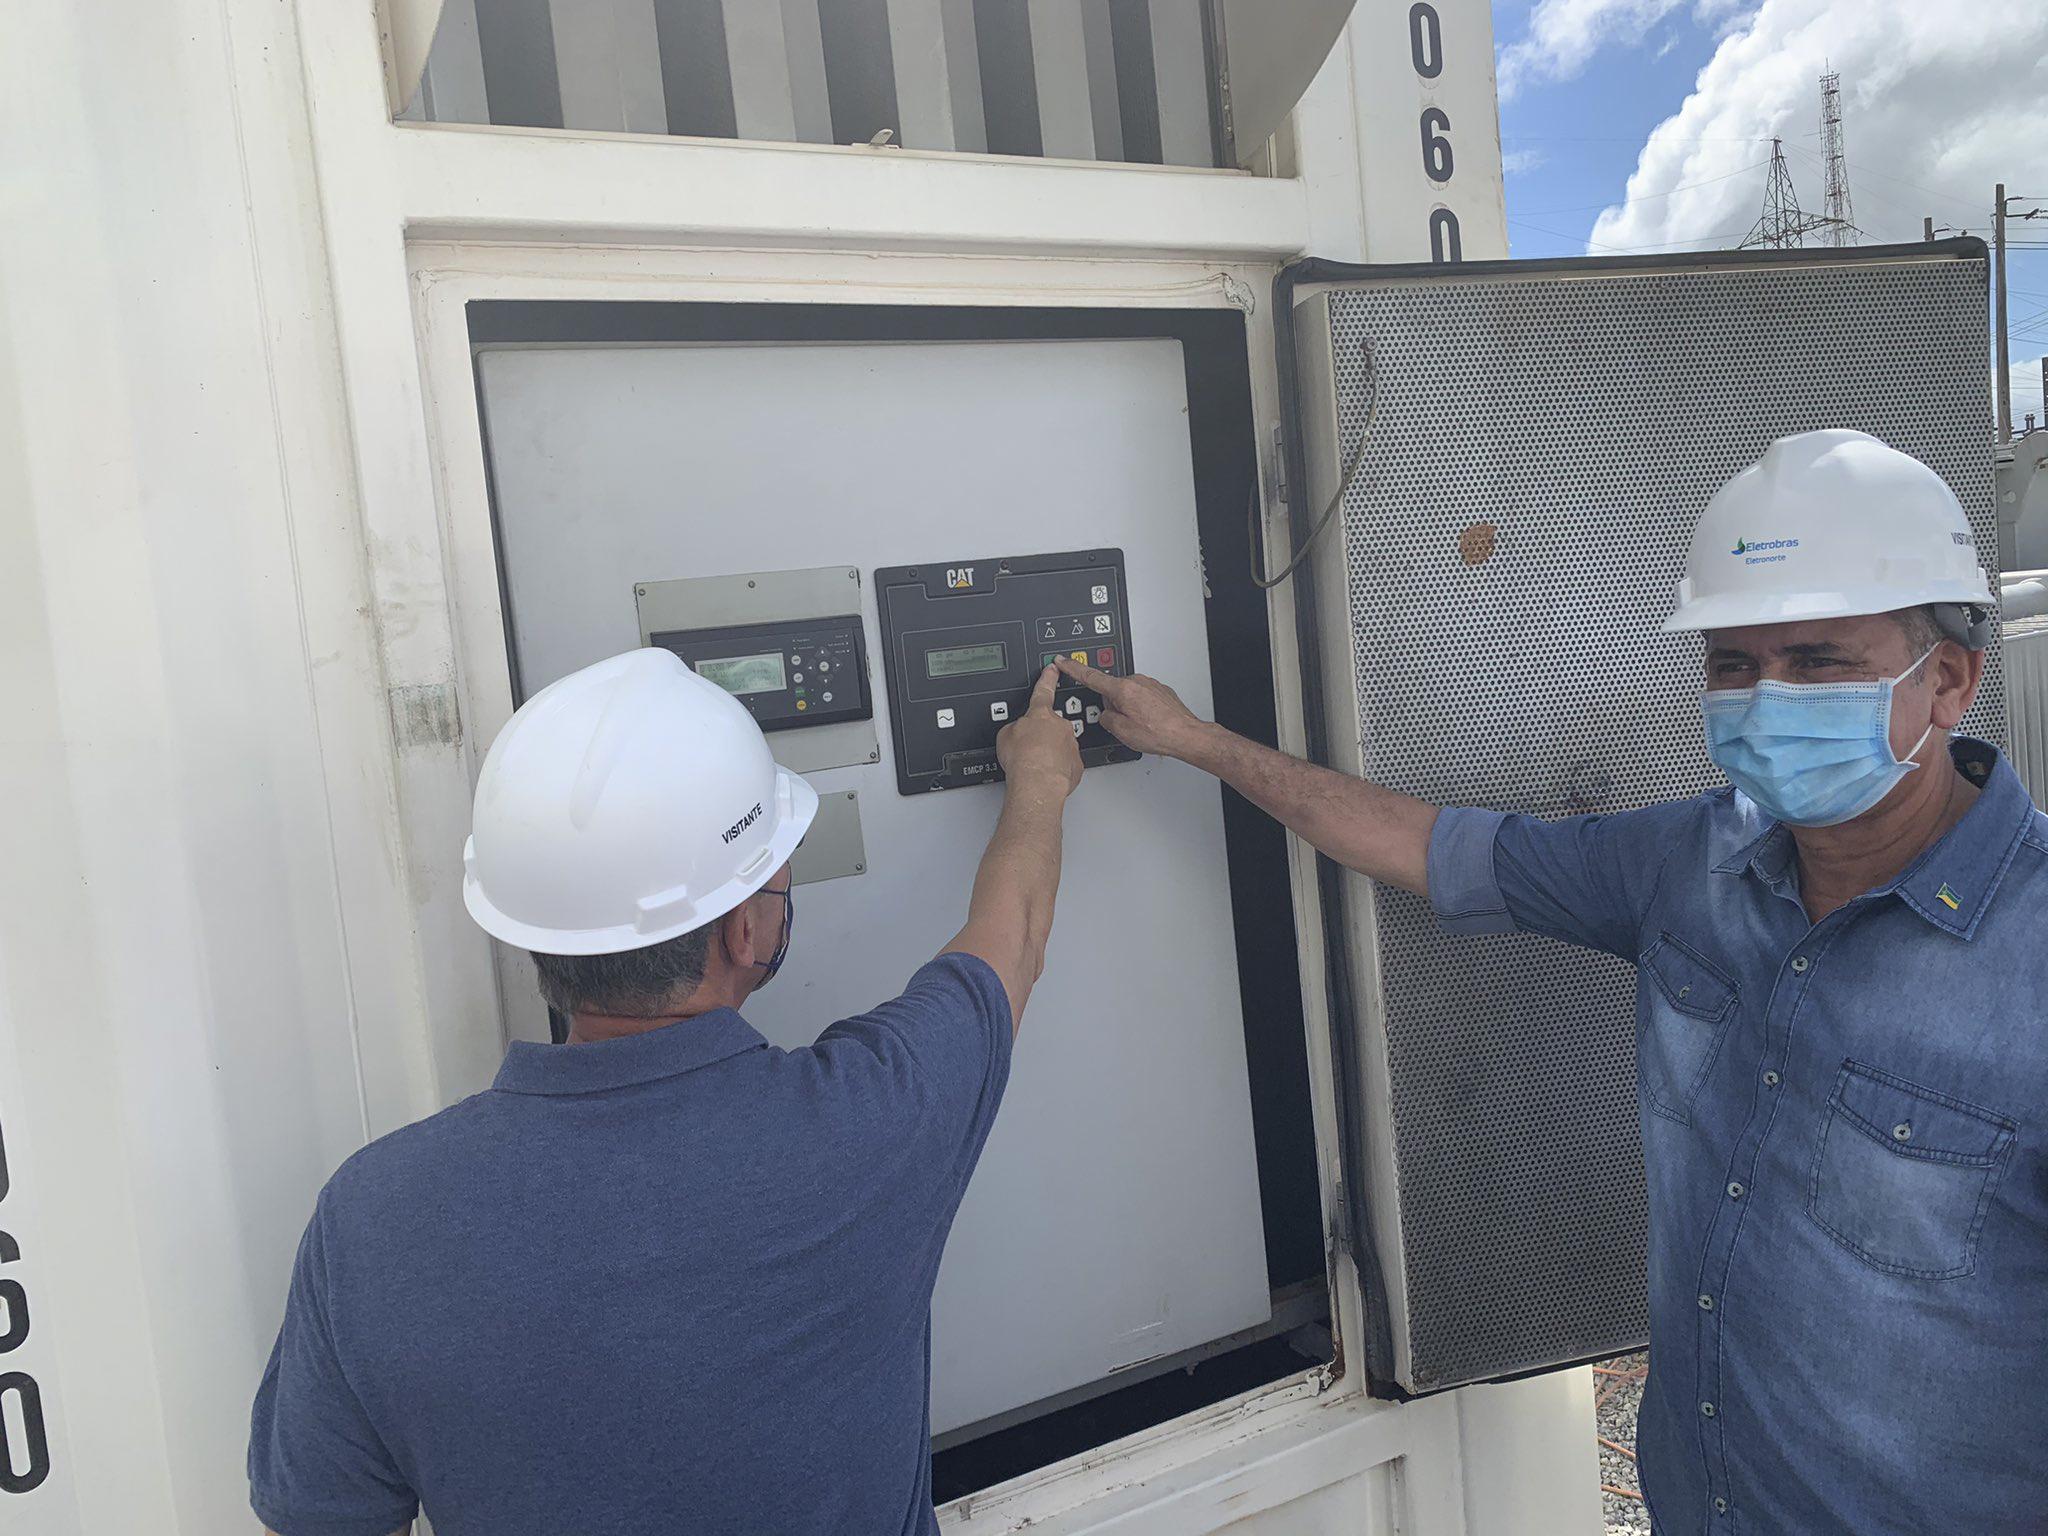 Ministro de Minas e Energia, Bento Albuquerque, realiza visita técnica à subestação Santa Rita e às instalações construídas pela Oliveira Energia para fornecimento de mais 20MW ao Amapá